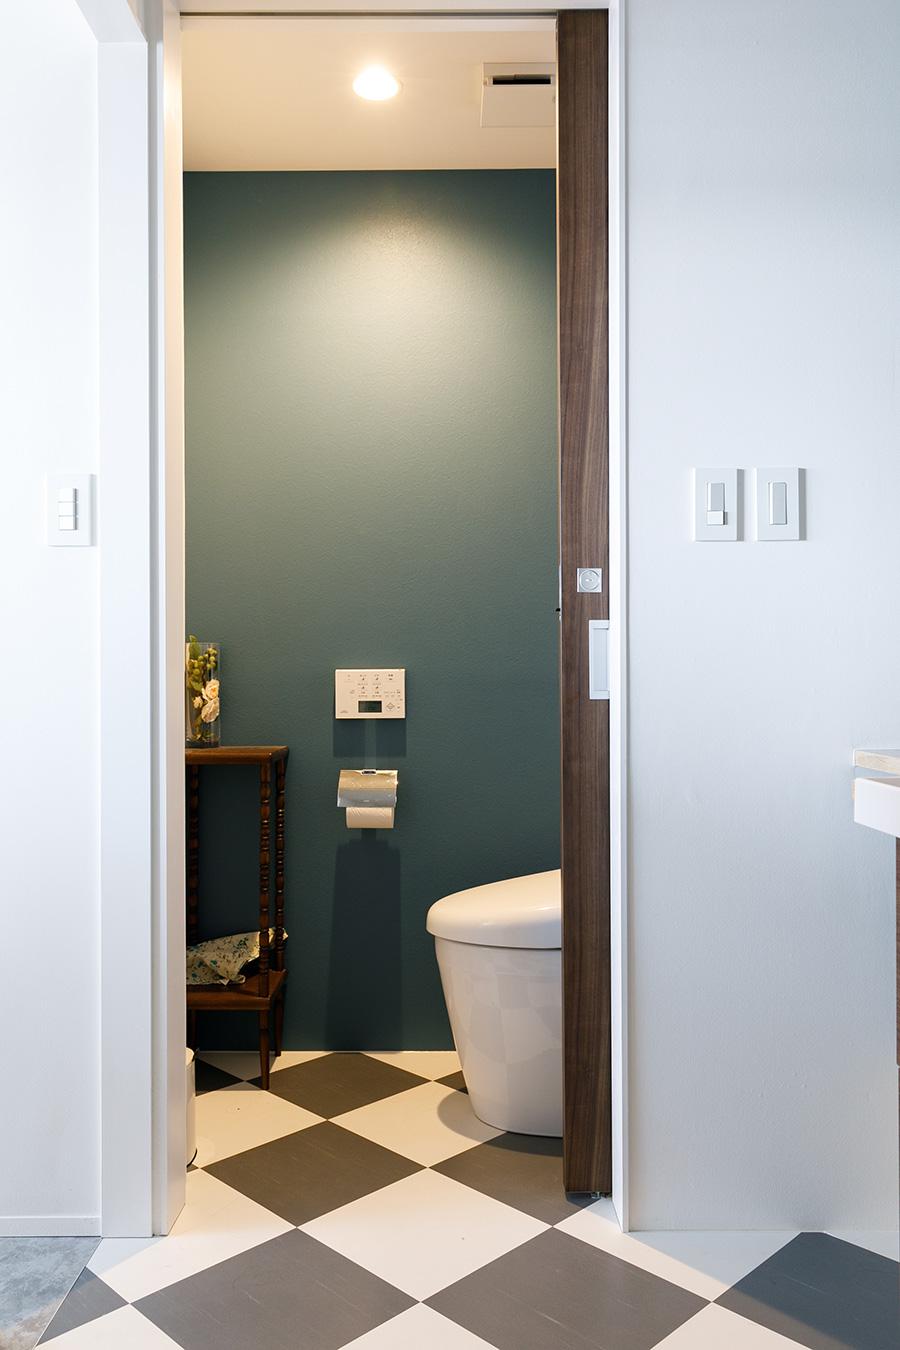 洗面スペースとトイレは、床のチェック柄を連続させている。